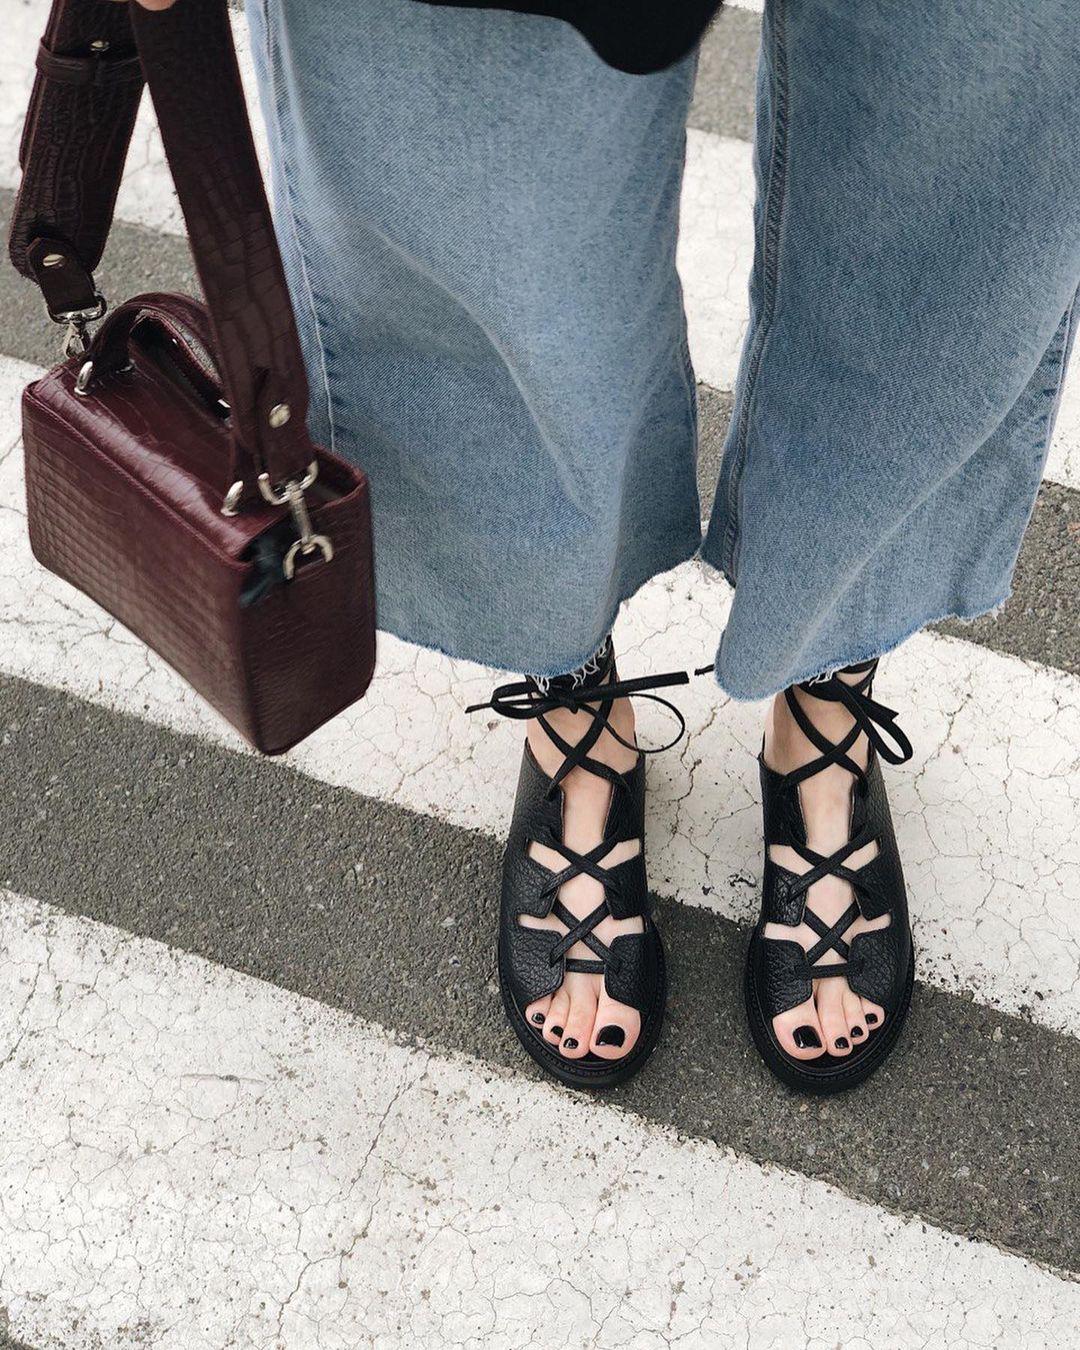 модная обувь лето 2021 на низком ходу плоская подошва без каблука женская на завязках гладиаторские сандалии черные босоножки